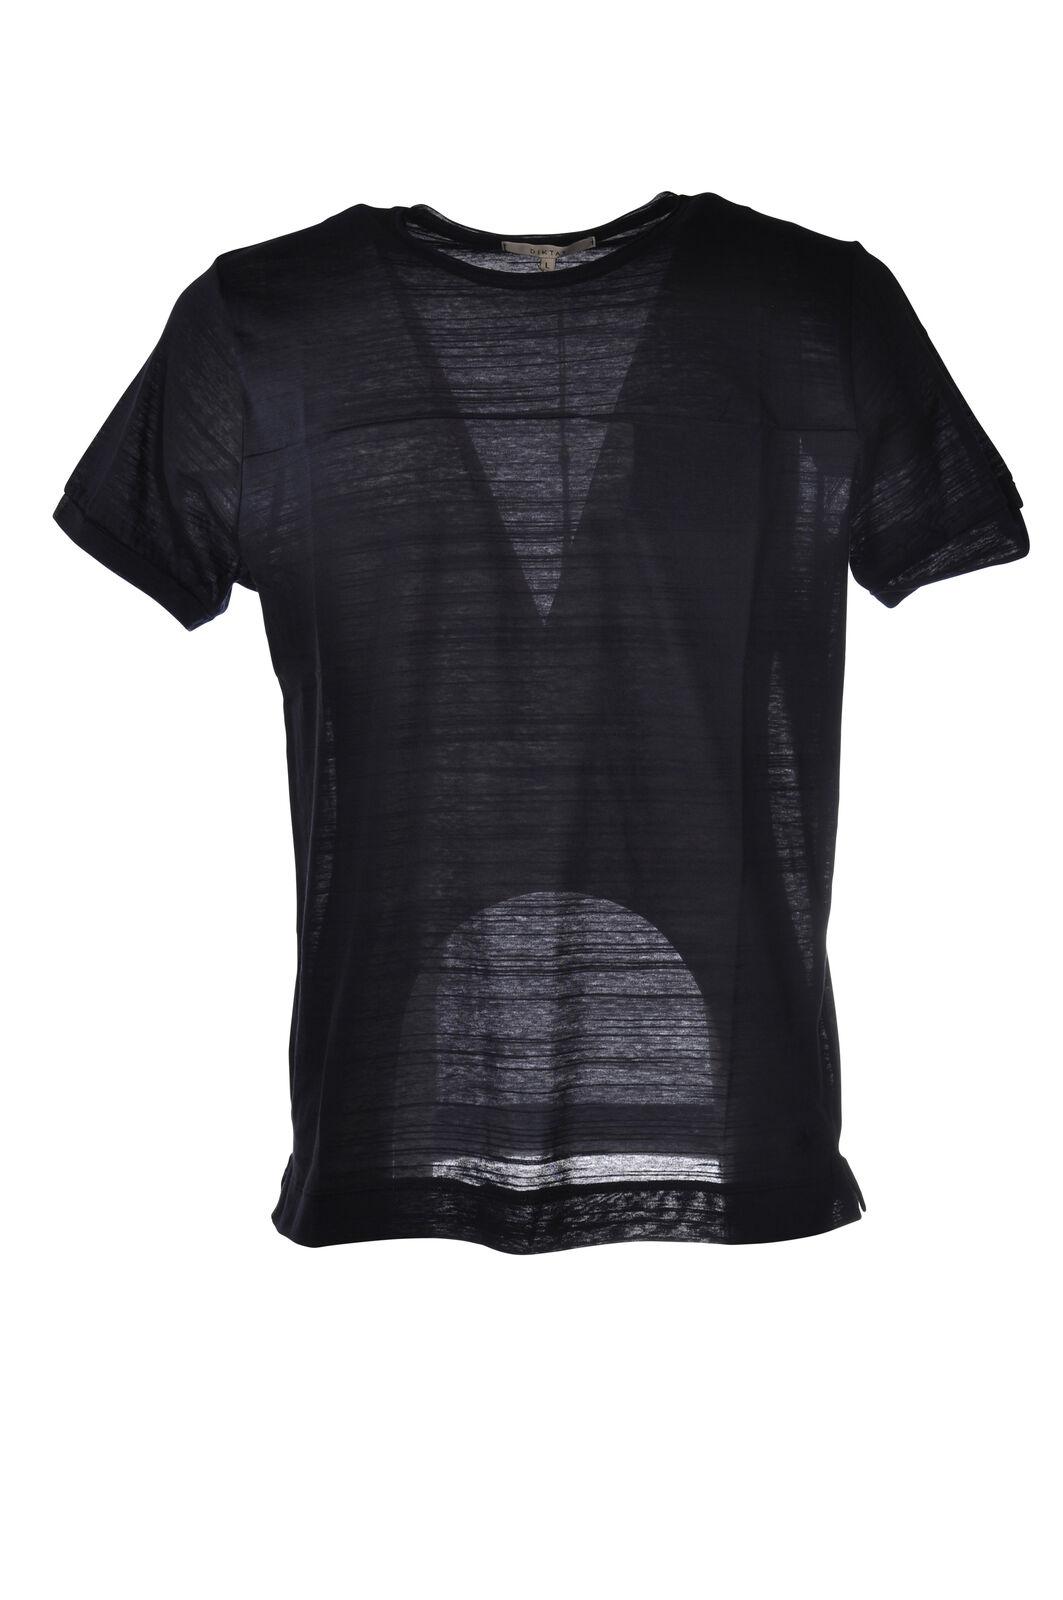 Shirts Diktat Mann Blue Noriff13262 Topwear T 5220020f183734 KTl5u1Jc3F